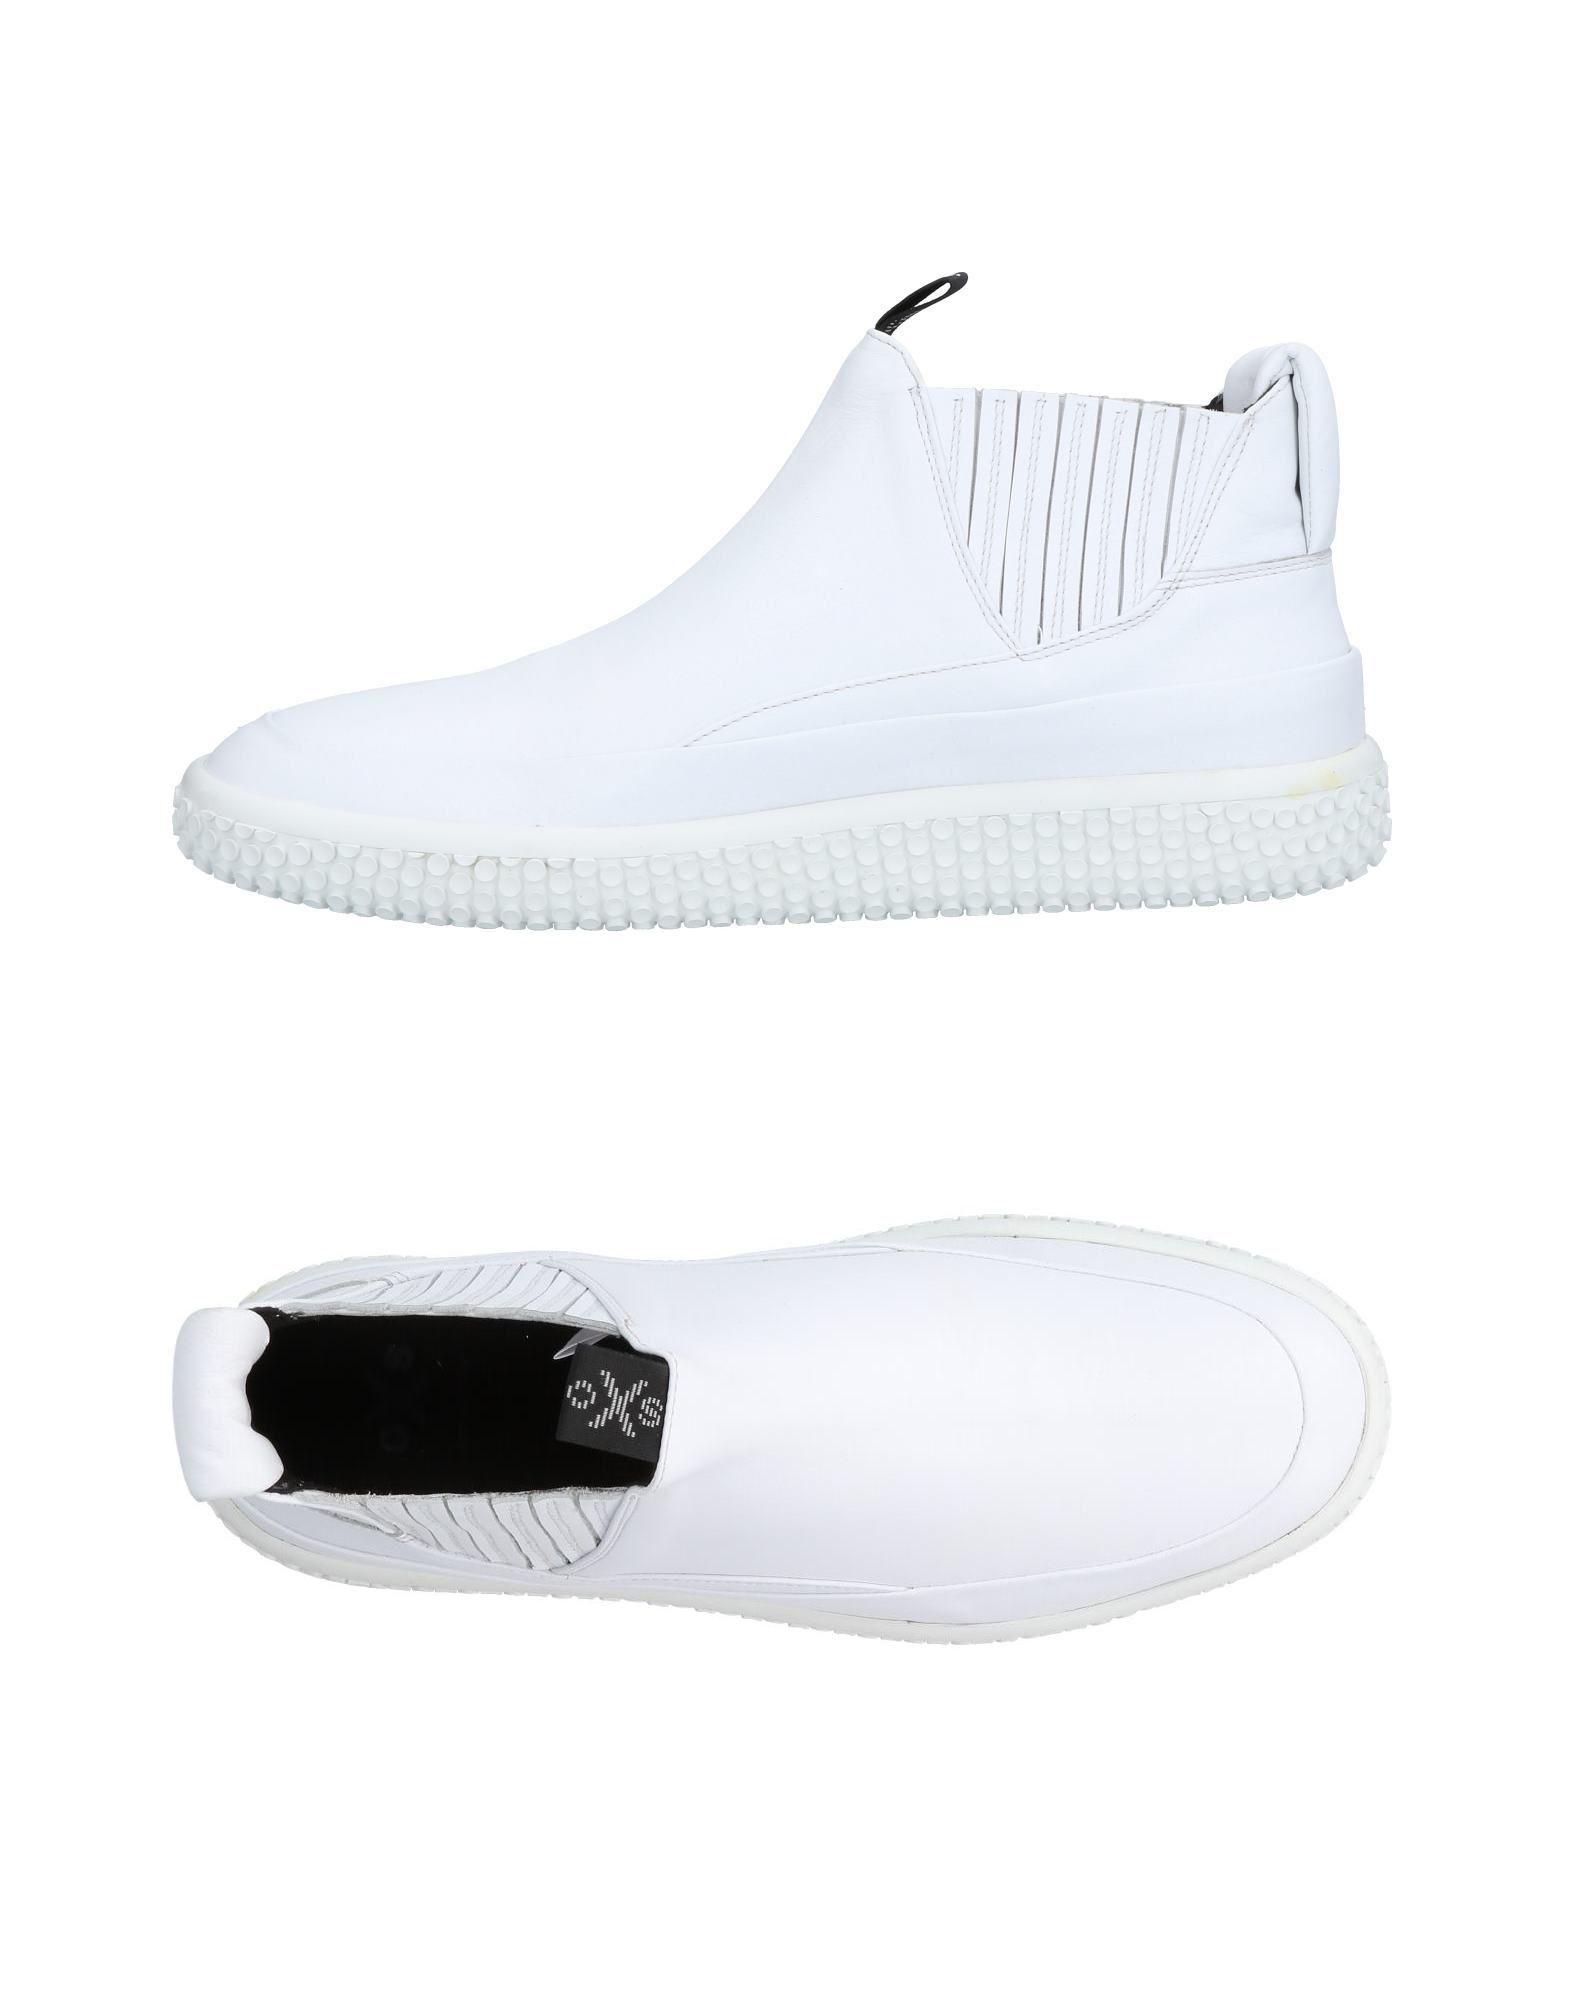 Scarpe economiche e resistenti Sneakers O.X.S. Donna - 11472114KH